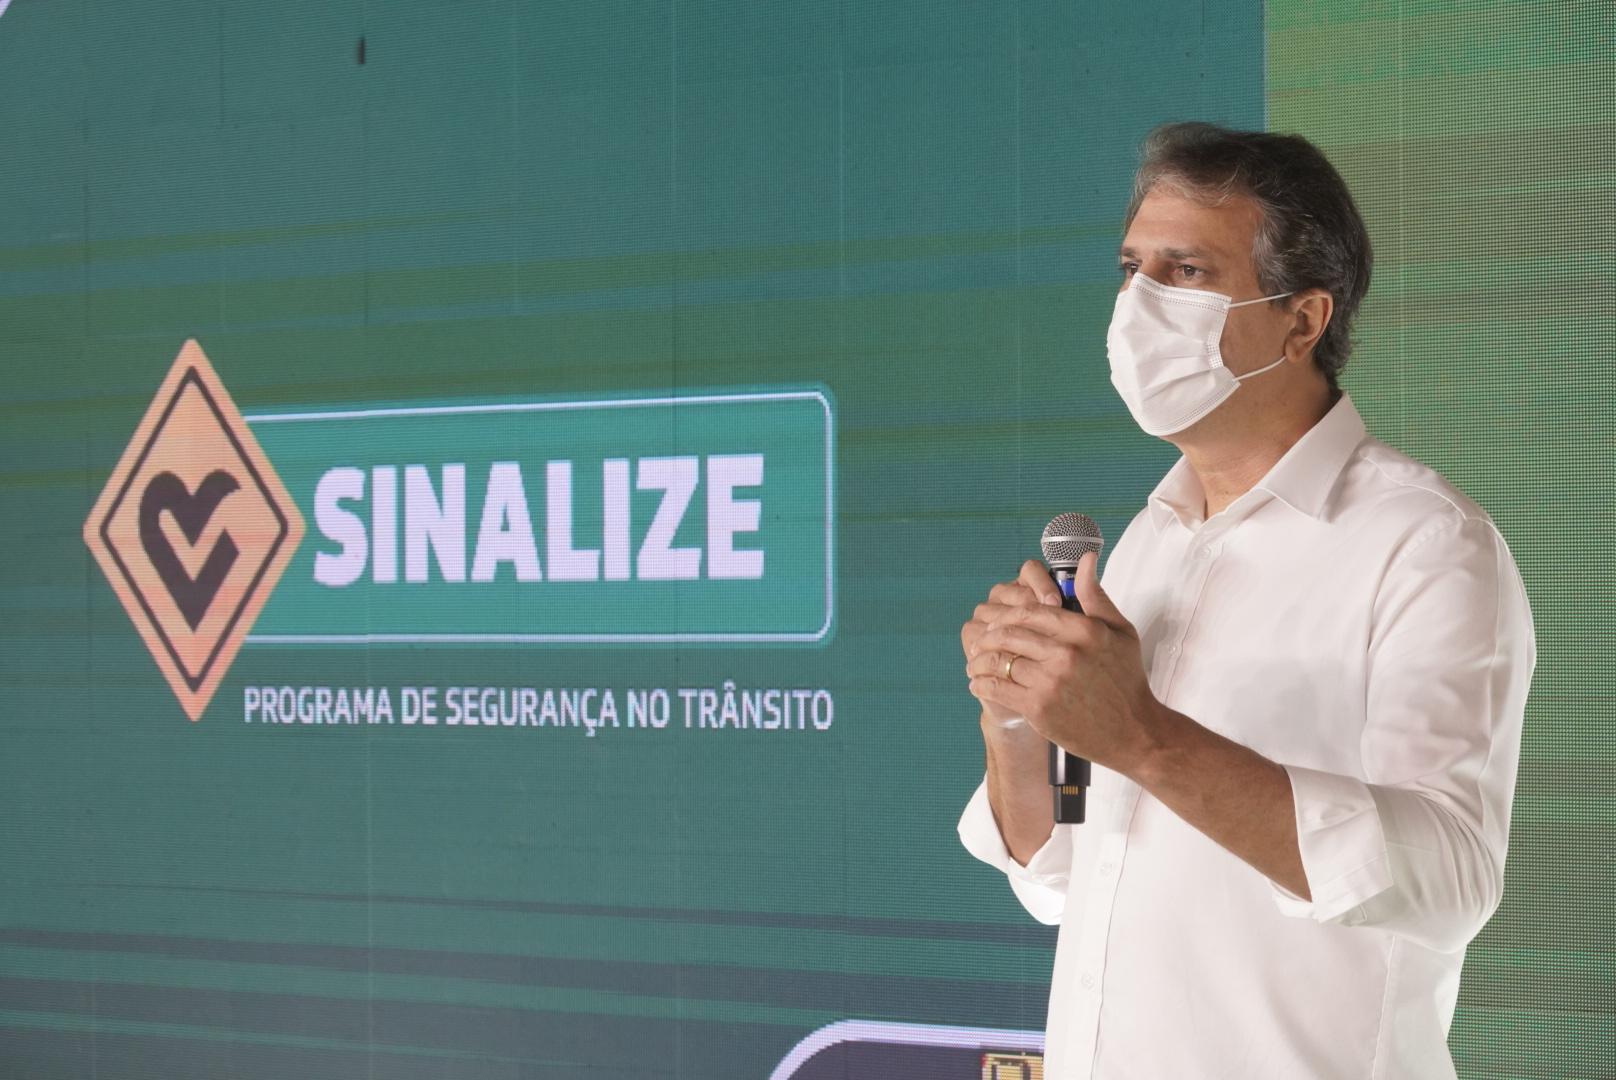 Com investimento de R$ 198 milhões, nova etapa do Programa Sinalize vai melhorar vias de todos os municípios do Ceará